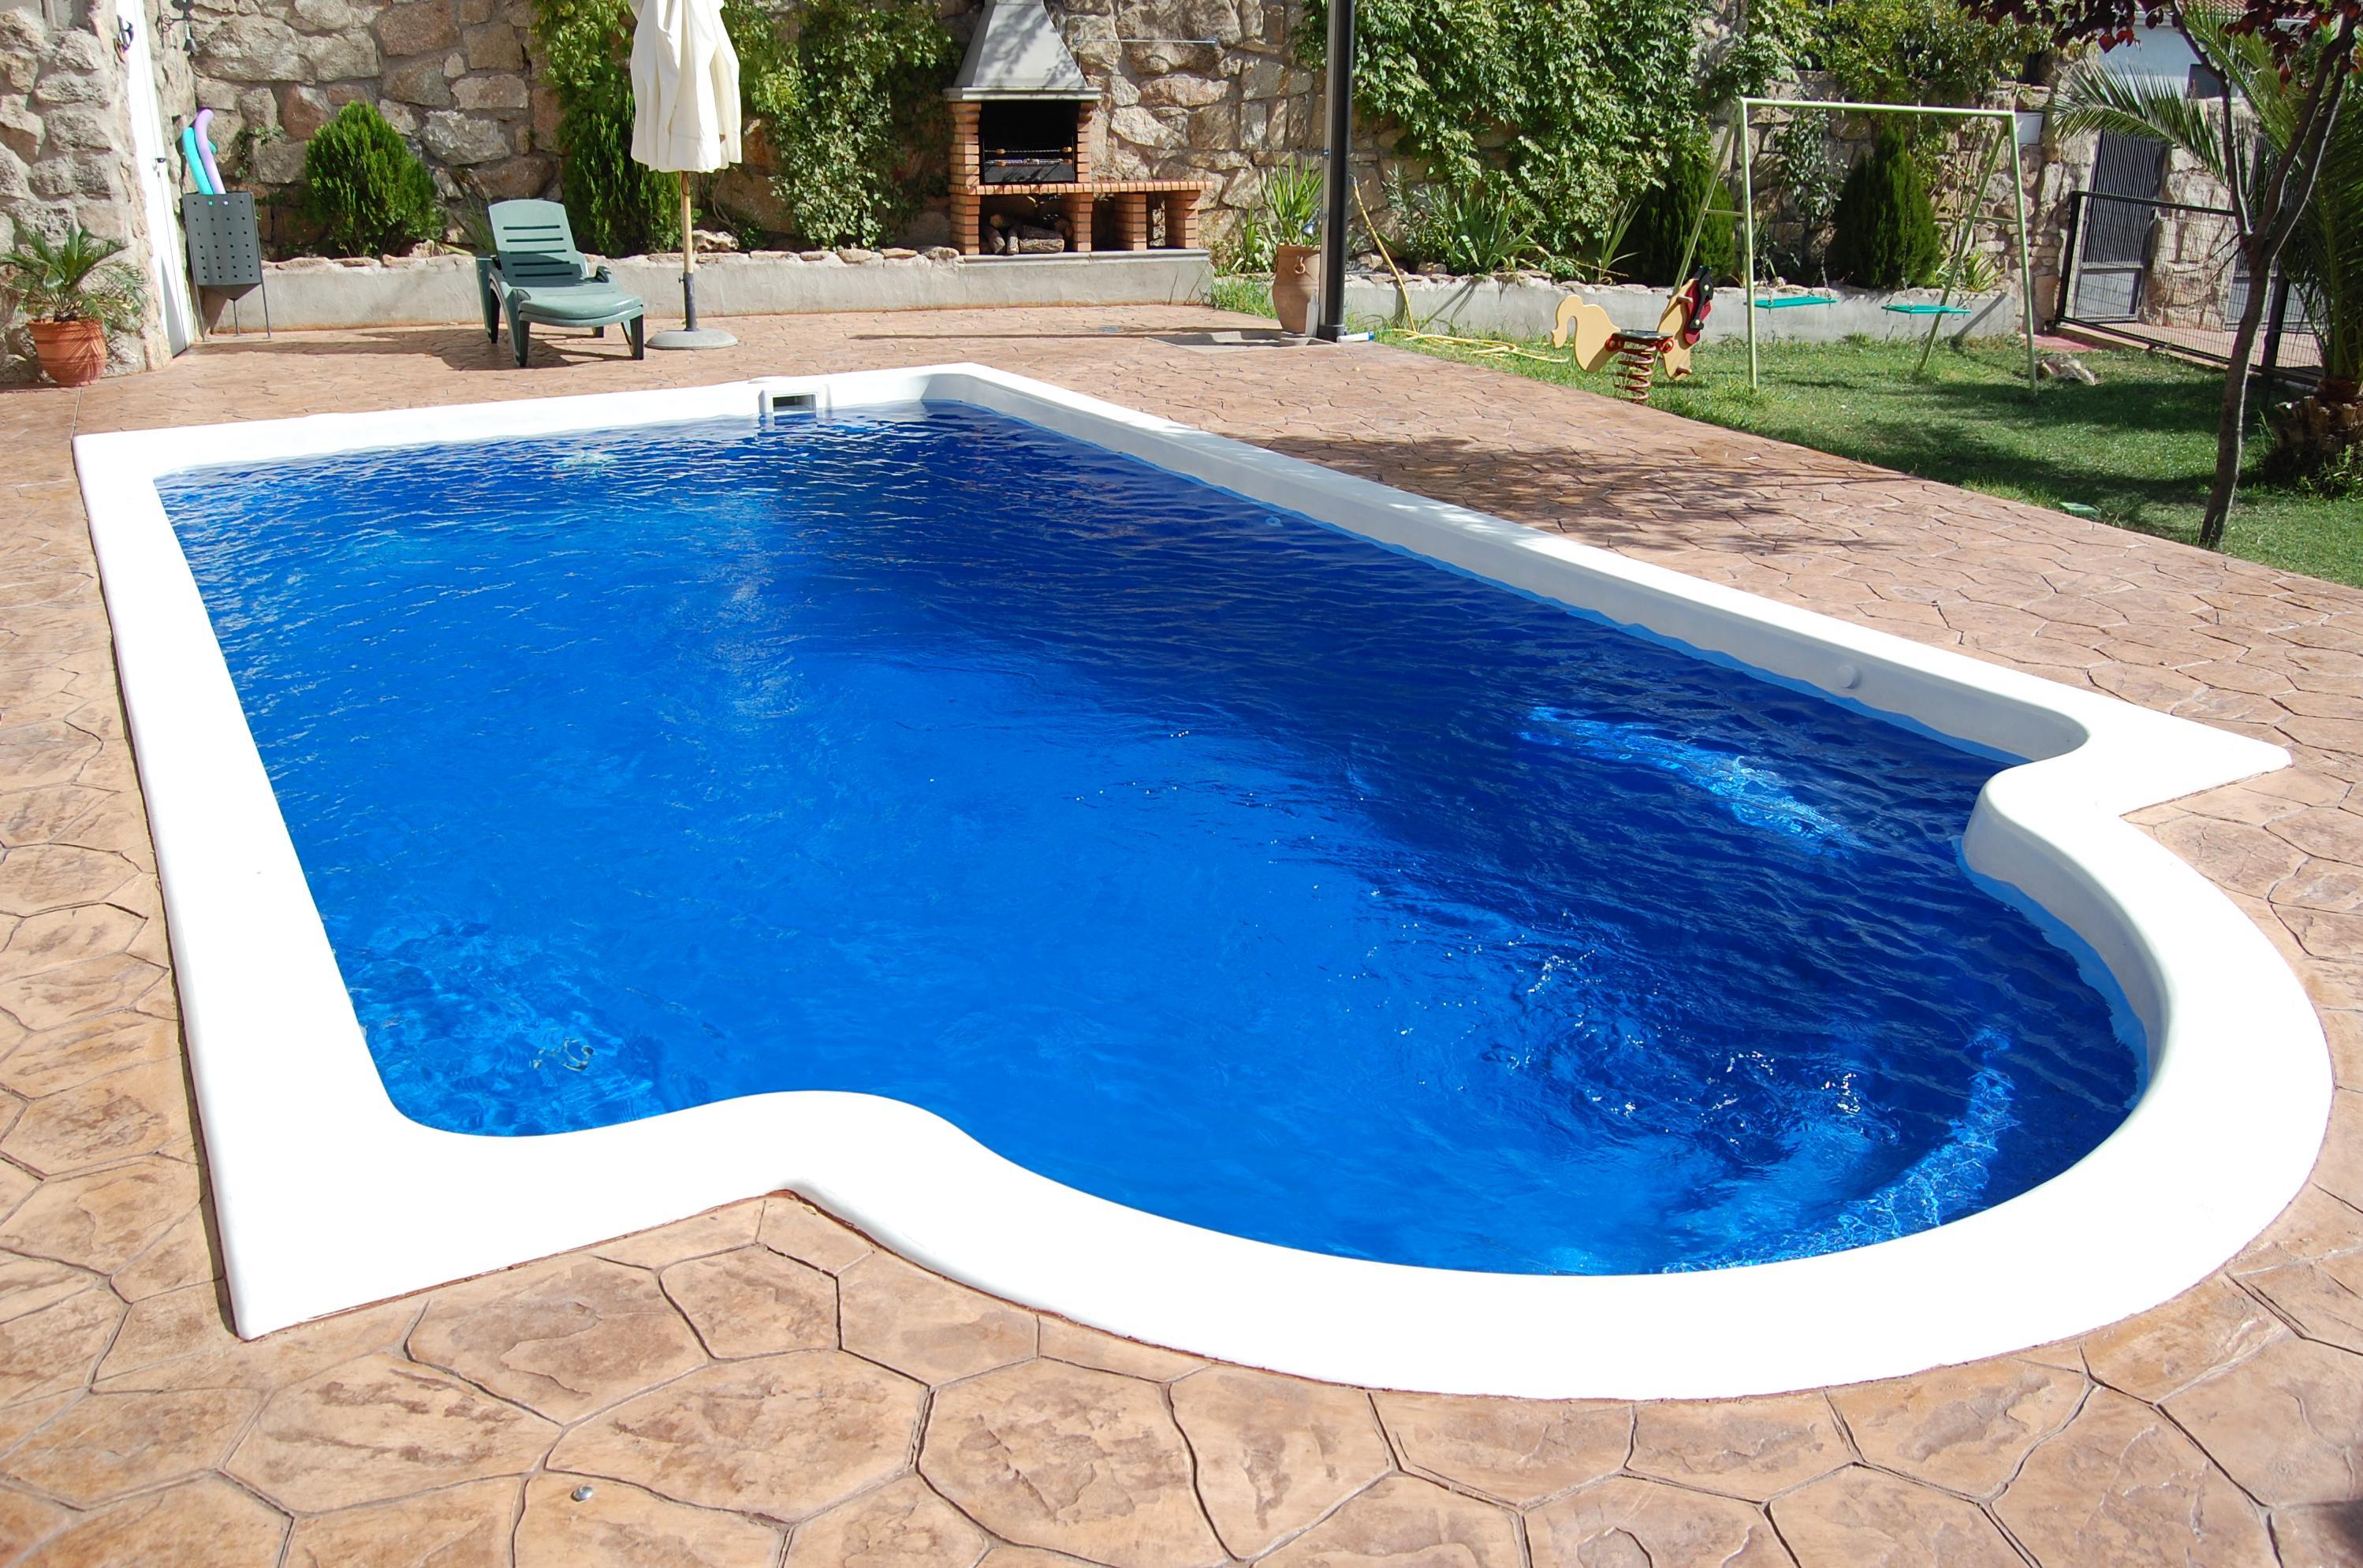 Piscinas freedom pool piscinas y accesorios de ardigral for Precio piscina obra 8x4